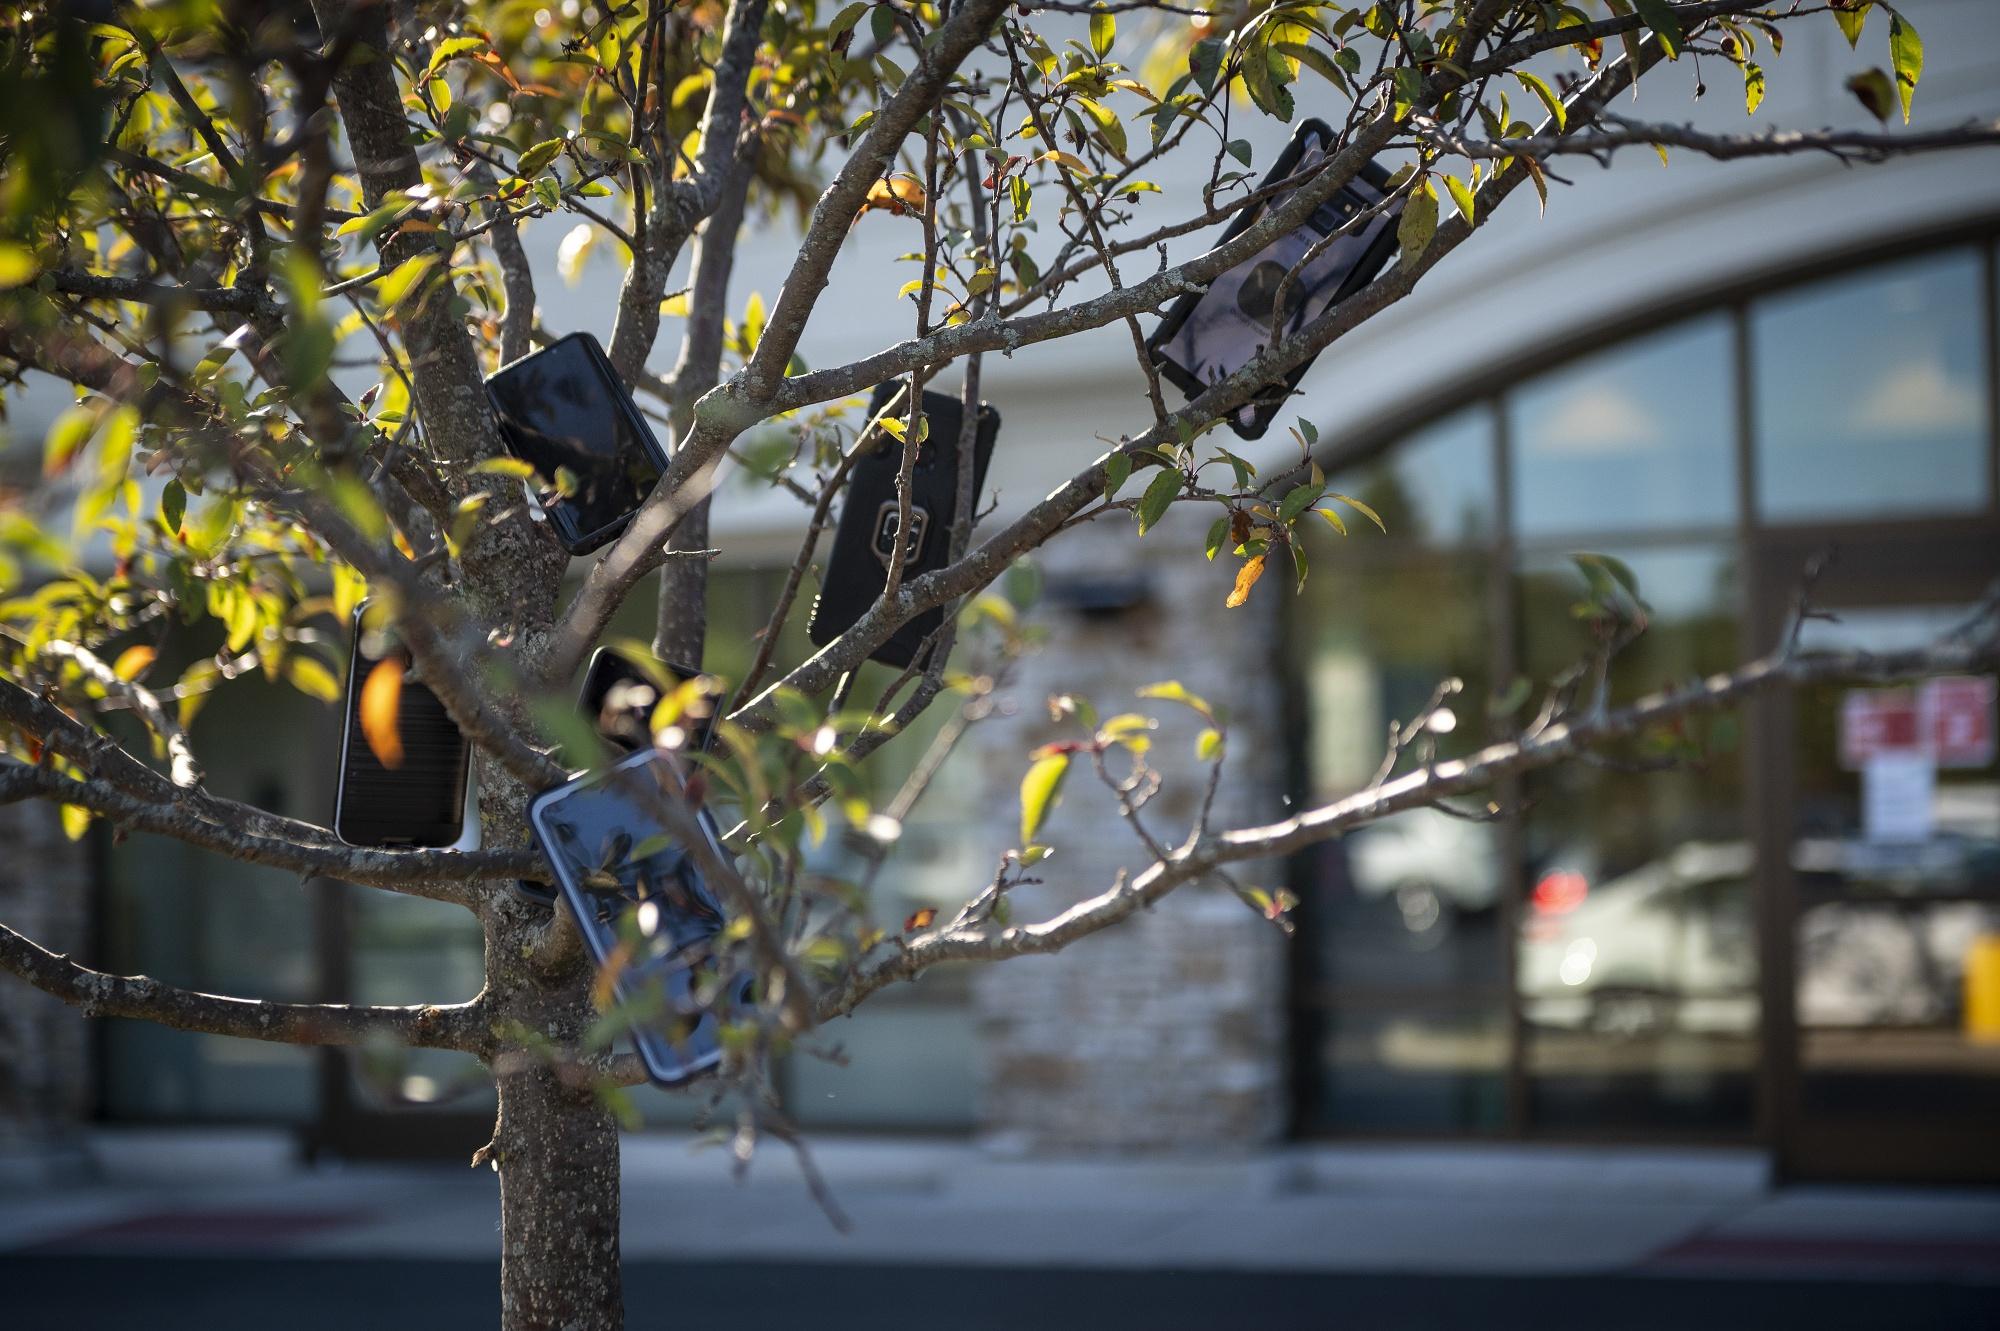 Смартфоны надеревьях— новое явление для пригородов Чикаго